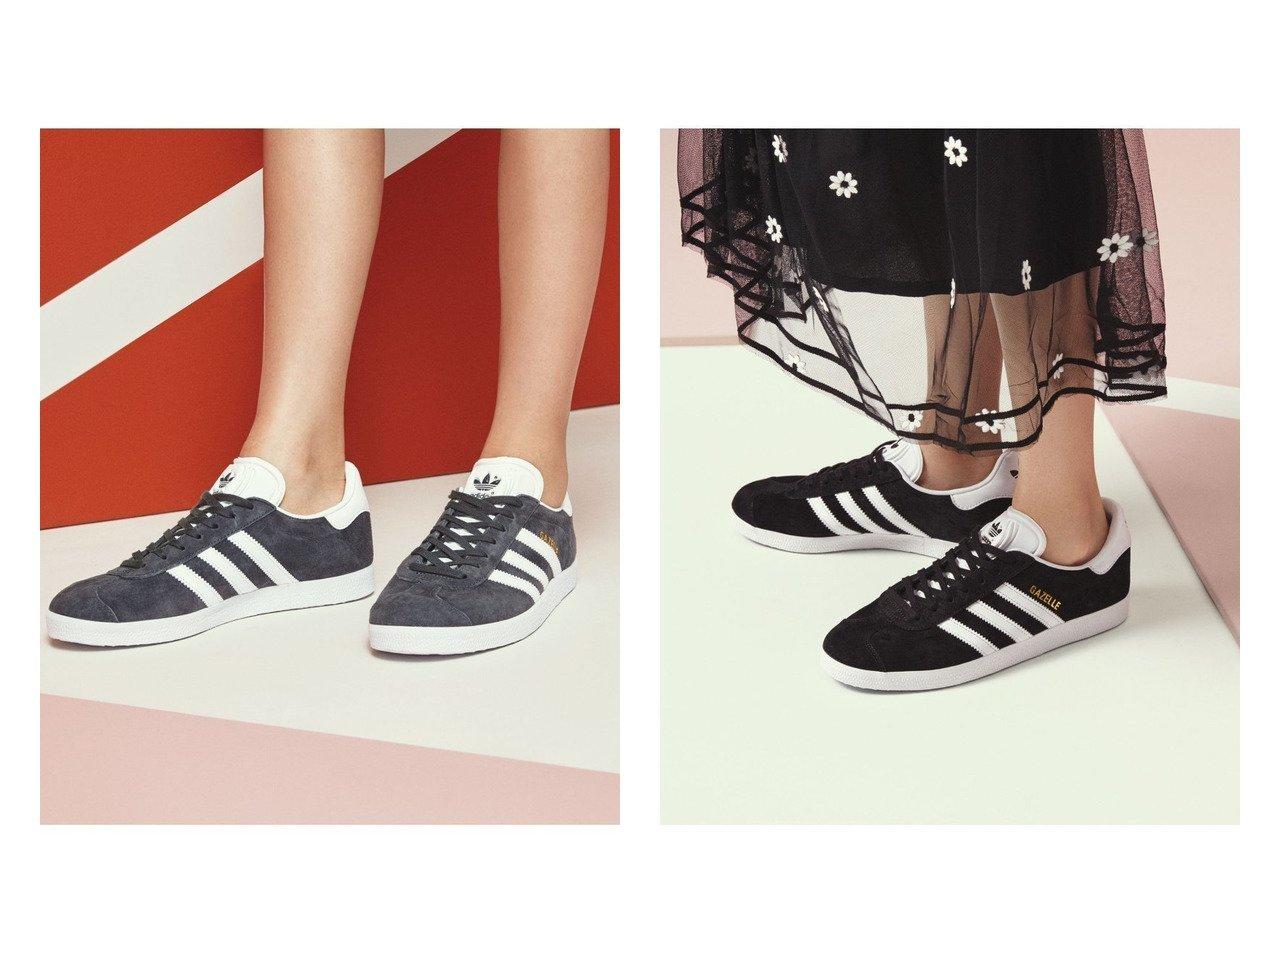 【adidas Originals/アディダス オリジナルス】のGAZELLE adidasのおすすめ!人気、トレンド・レディースファッションの通販 おすすめで人気の流行・トレンド、ファッションの通販商品 メンズファッション・キッズファッション・インテリア・家具・レディースファッション・服の通販 founy(ファニー) https://founy.com/ ファッション Fashion レディースファッション WOMEN クラシック サッカー シューズ スニーカー スリッポン 人気 今季 定番 Standard |ID:crp329100000018228